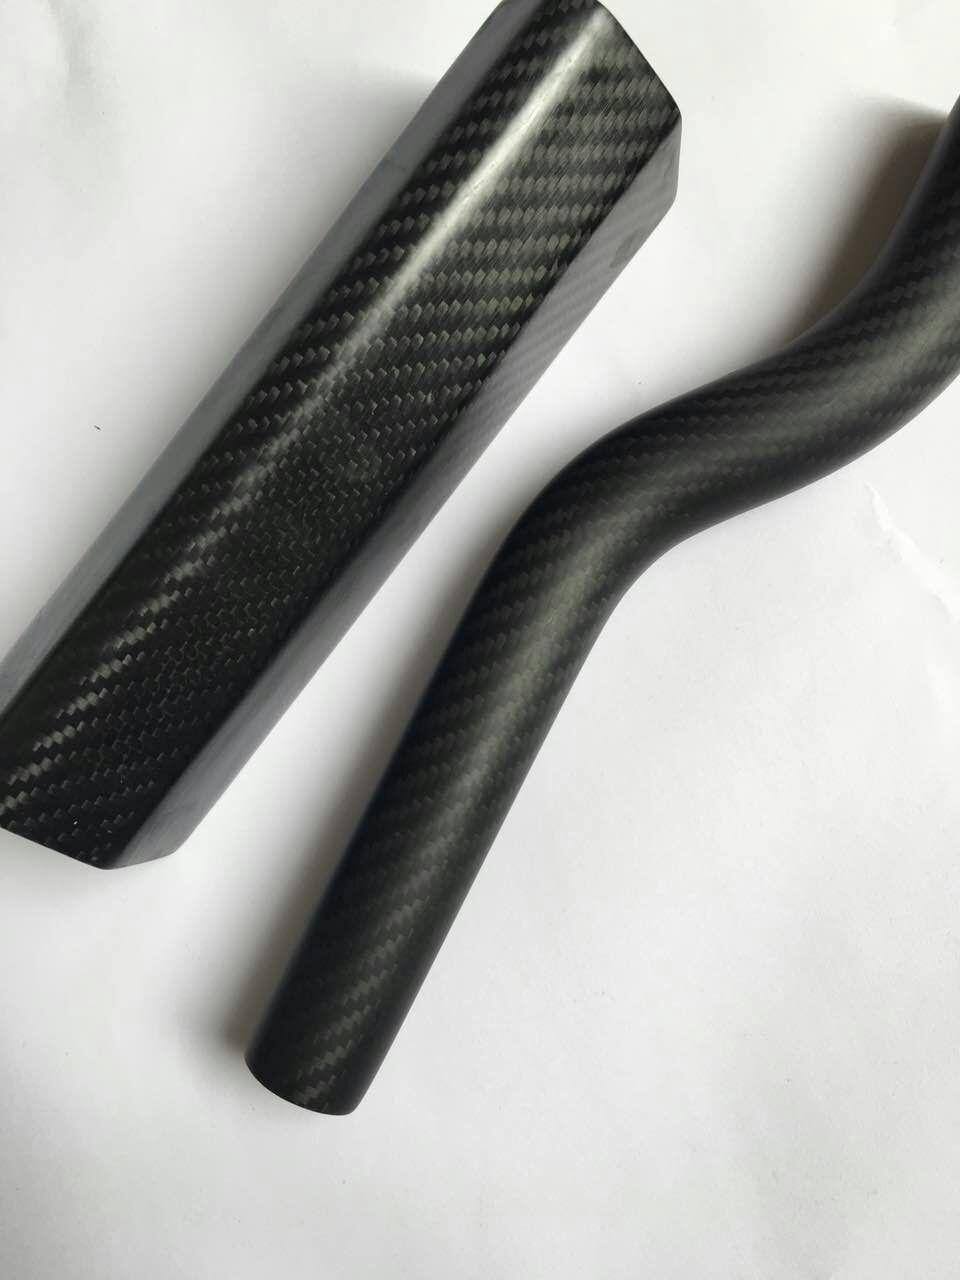 倾销碳纤维管_知名厂家为您推荐性价比高的碳纤维管